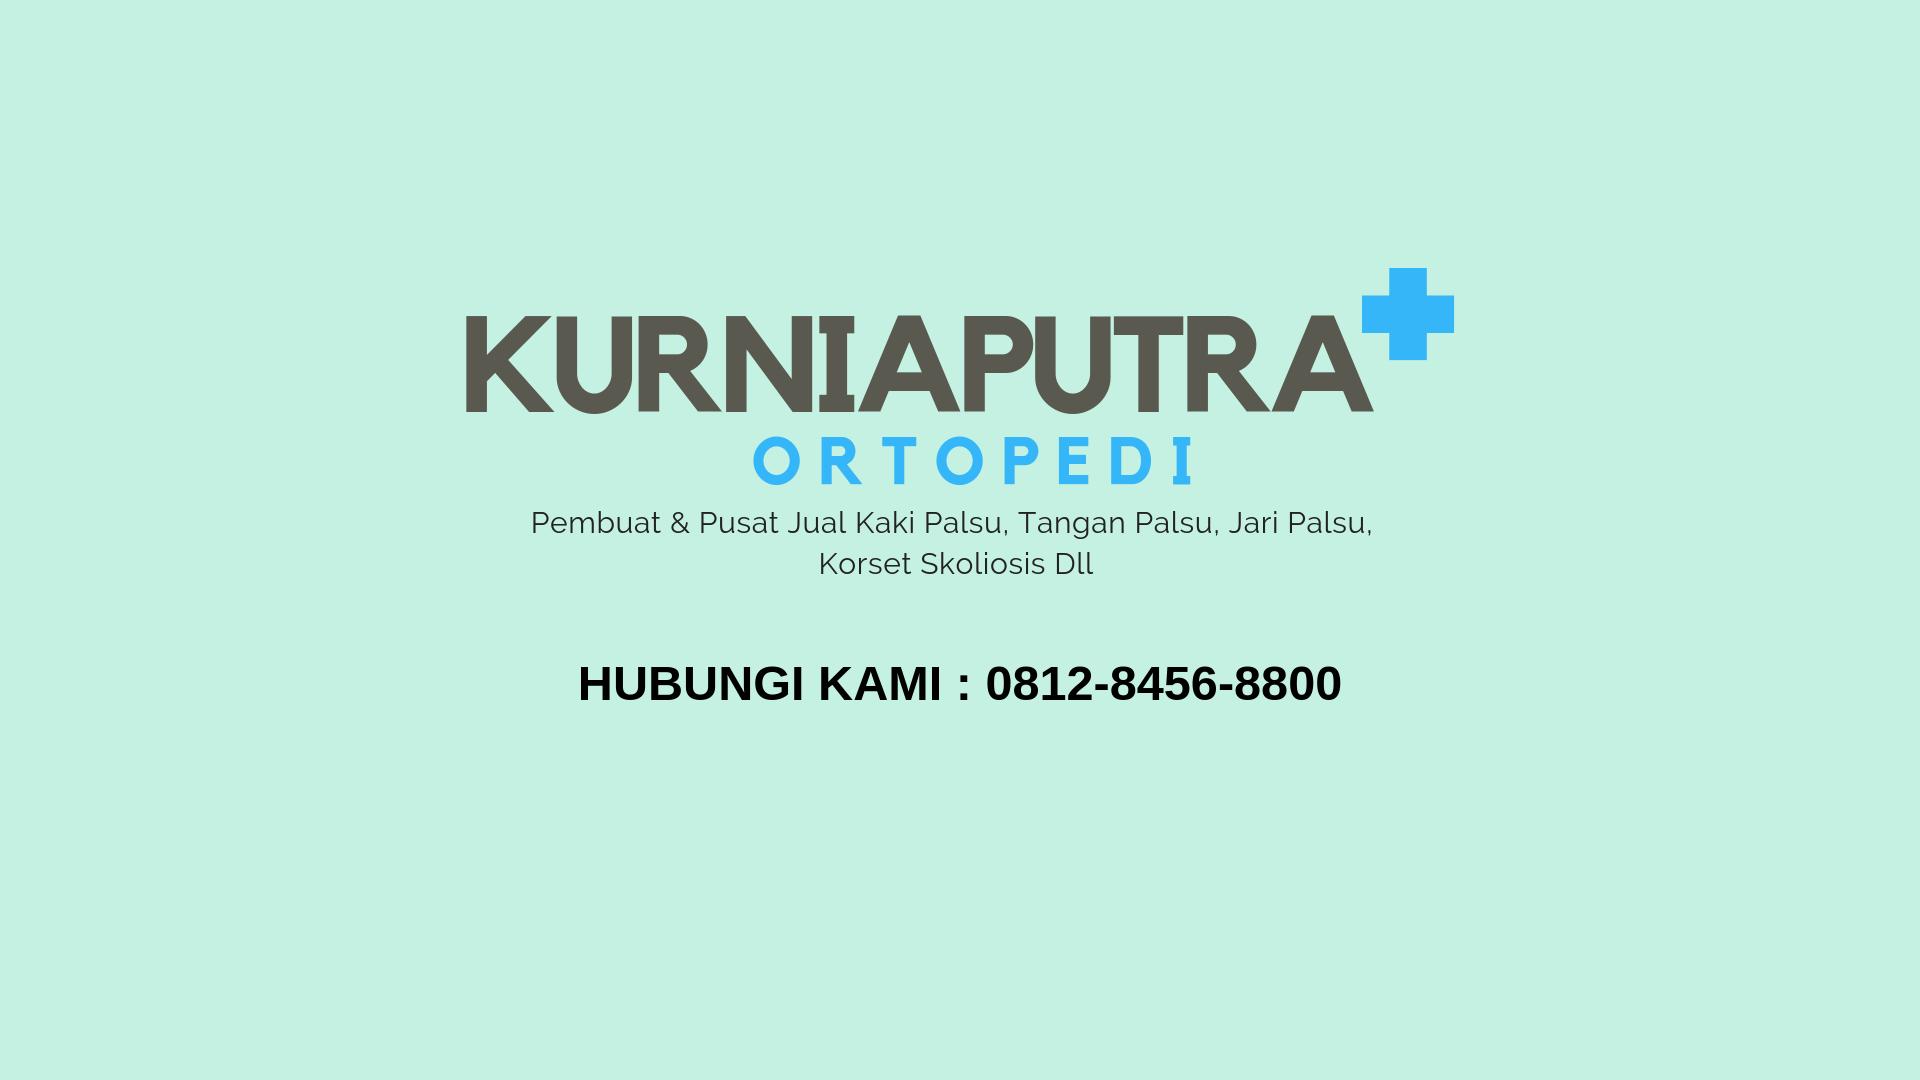 Jual Kaki Palsu Lampung